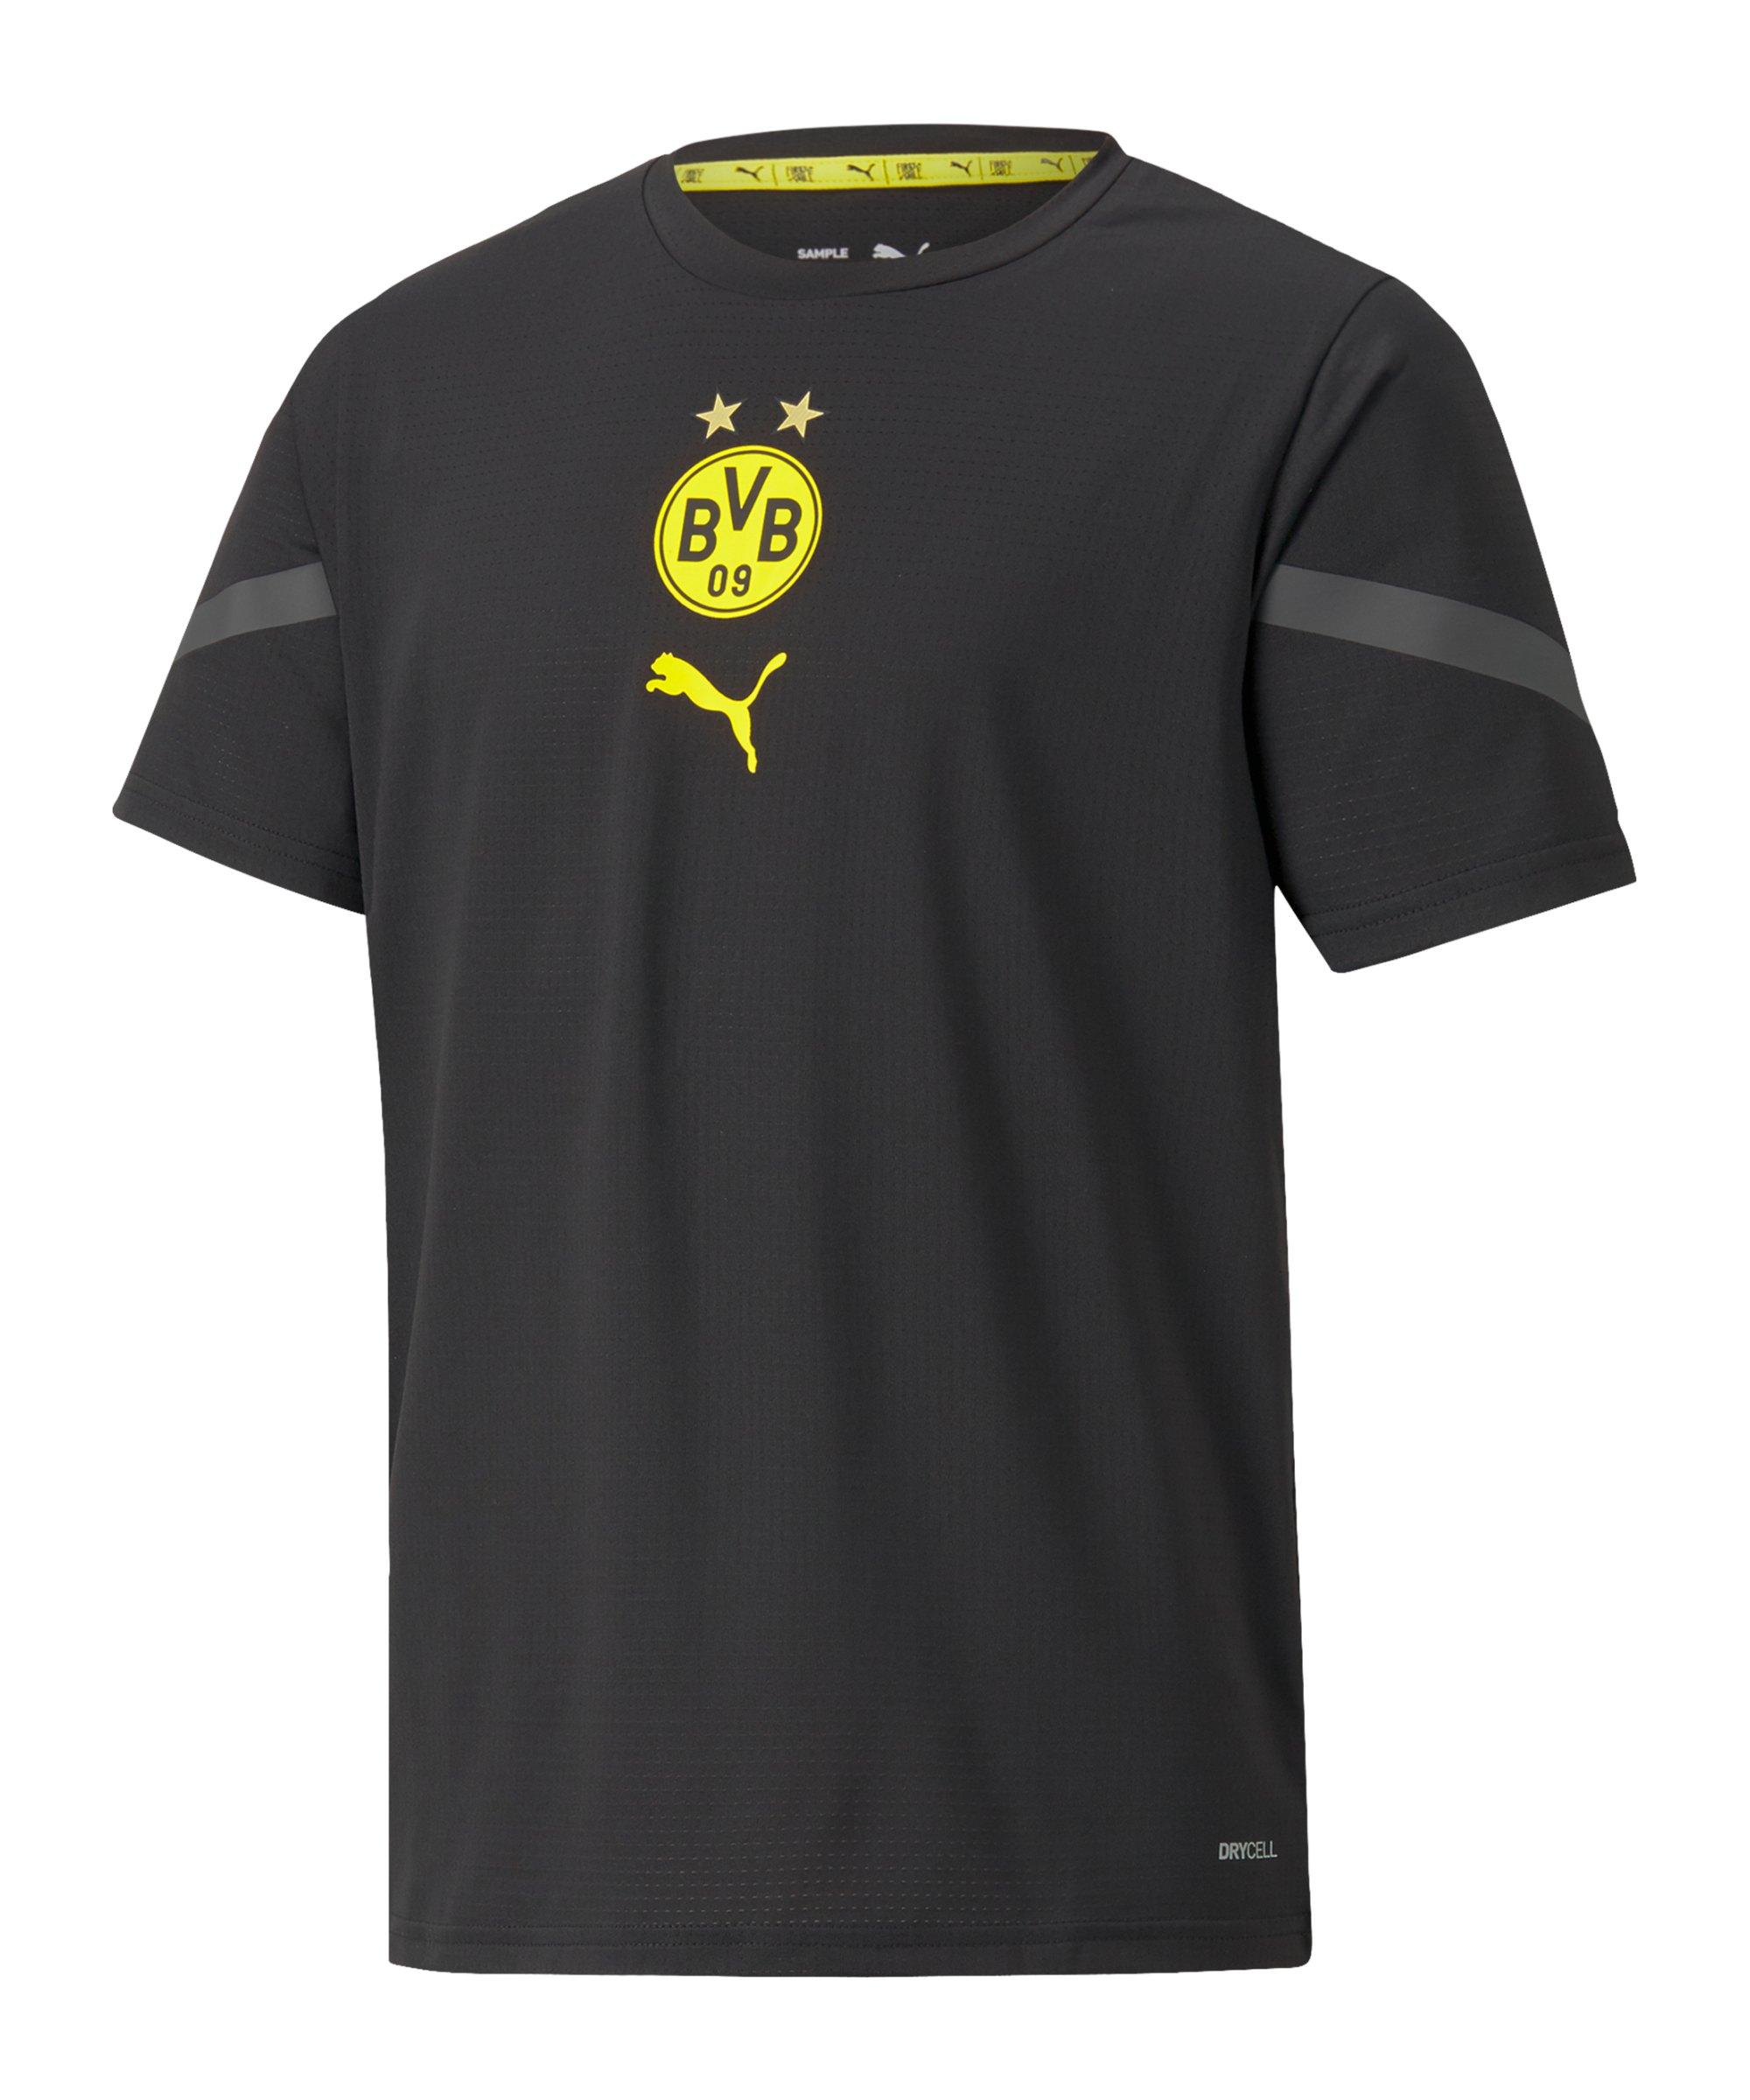 PUMA BVB Dortmund Prematch Shirt 2021/2022 Kids Schwarz F02 - schwarz